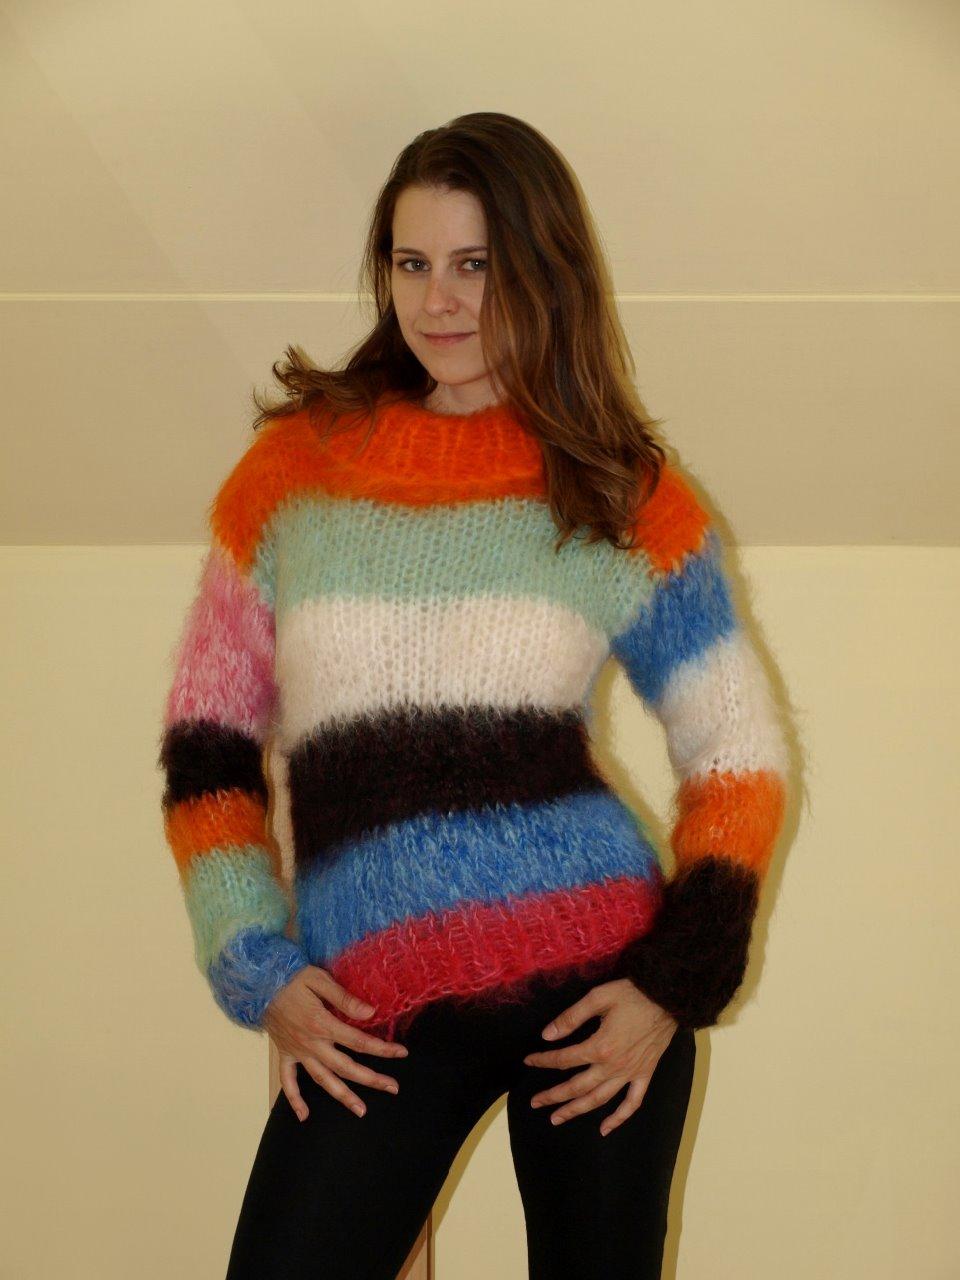 bb5cf83d515 Dámský mohérový svetr   Zboží prodejce KKatie